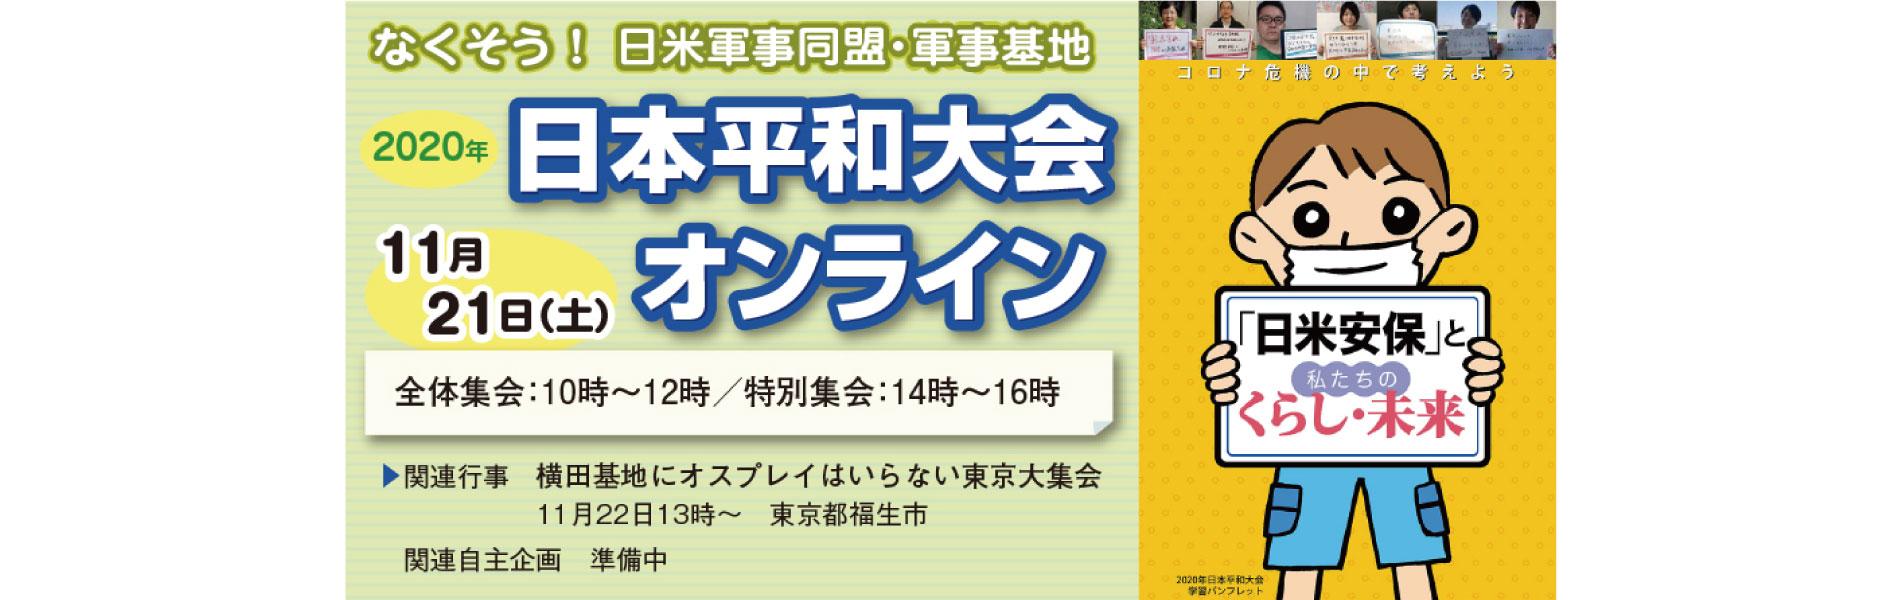 日本平和大会オンライン 2020年11月21日